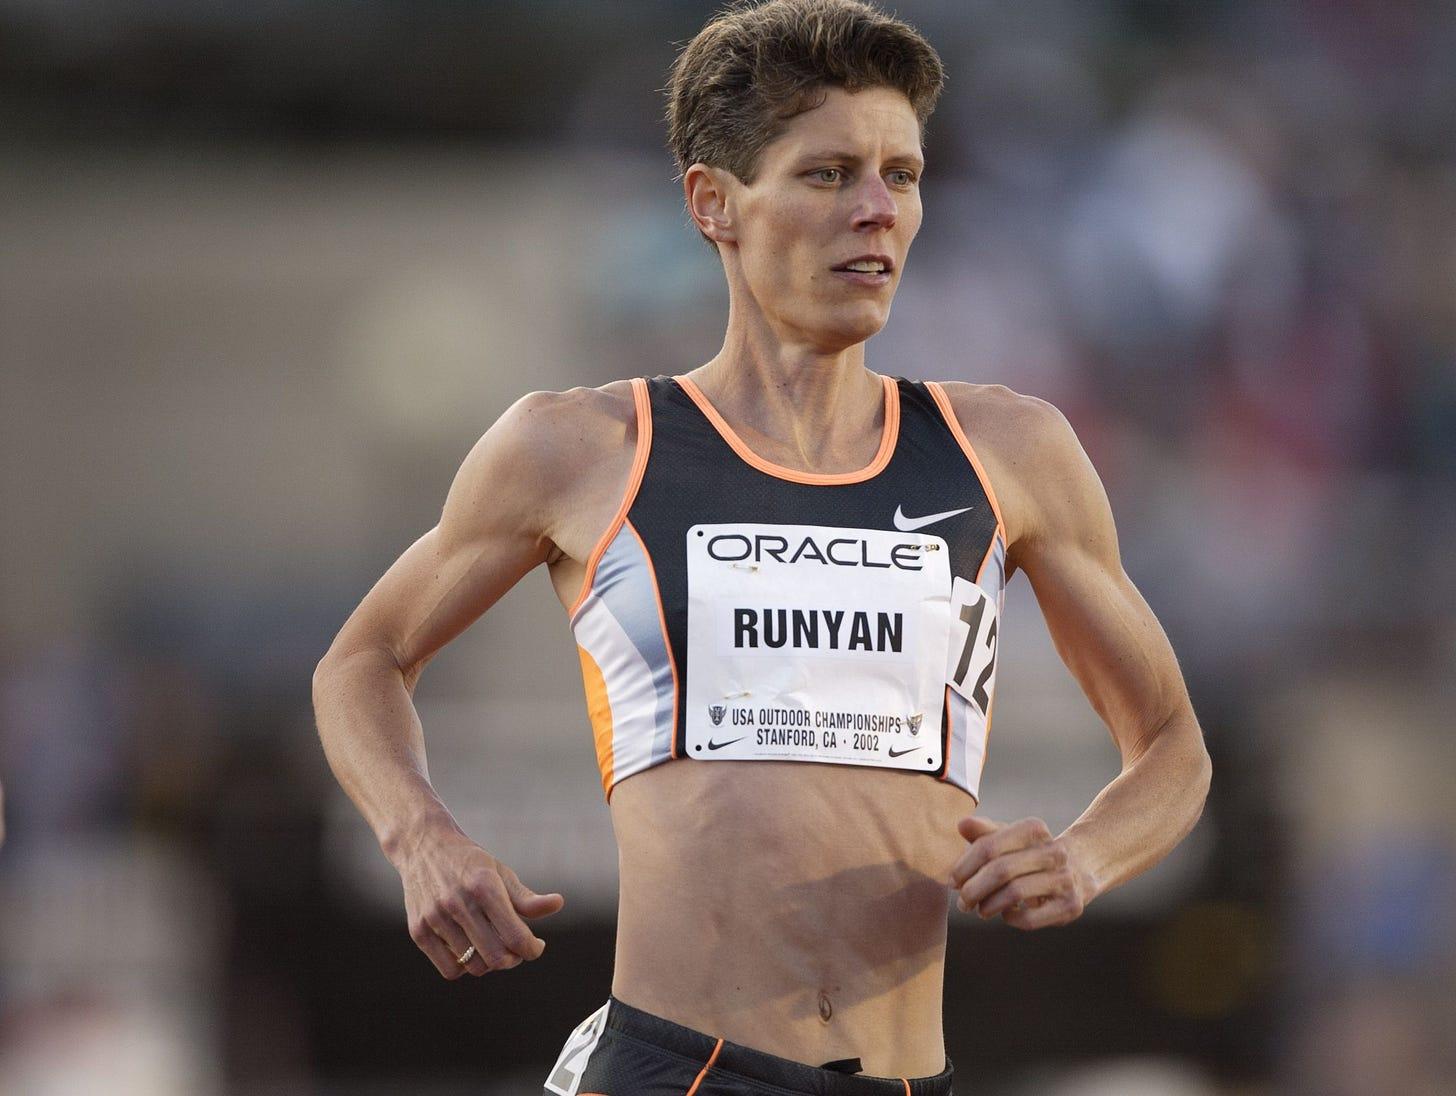 Marla Runyan | Runner's World